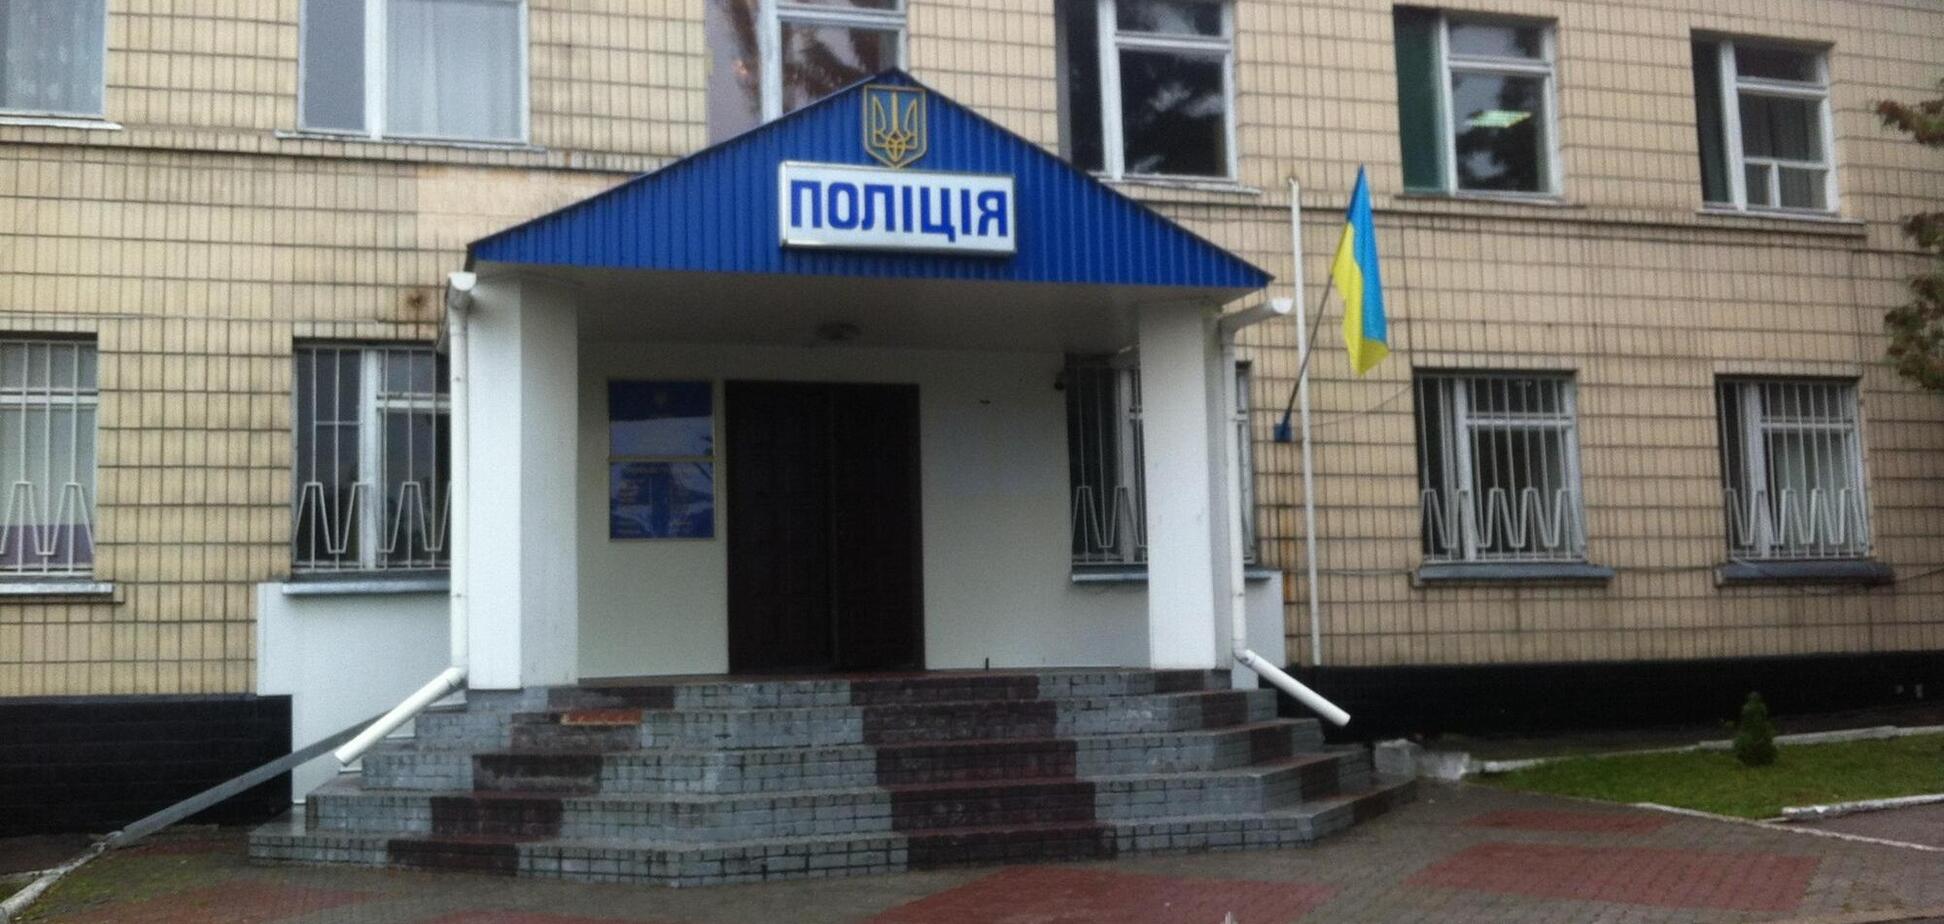 Поліційний відділ у Кагарлику